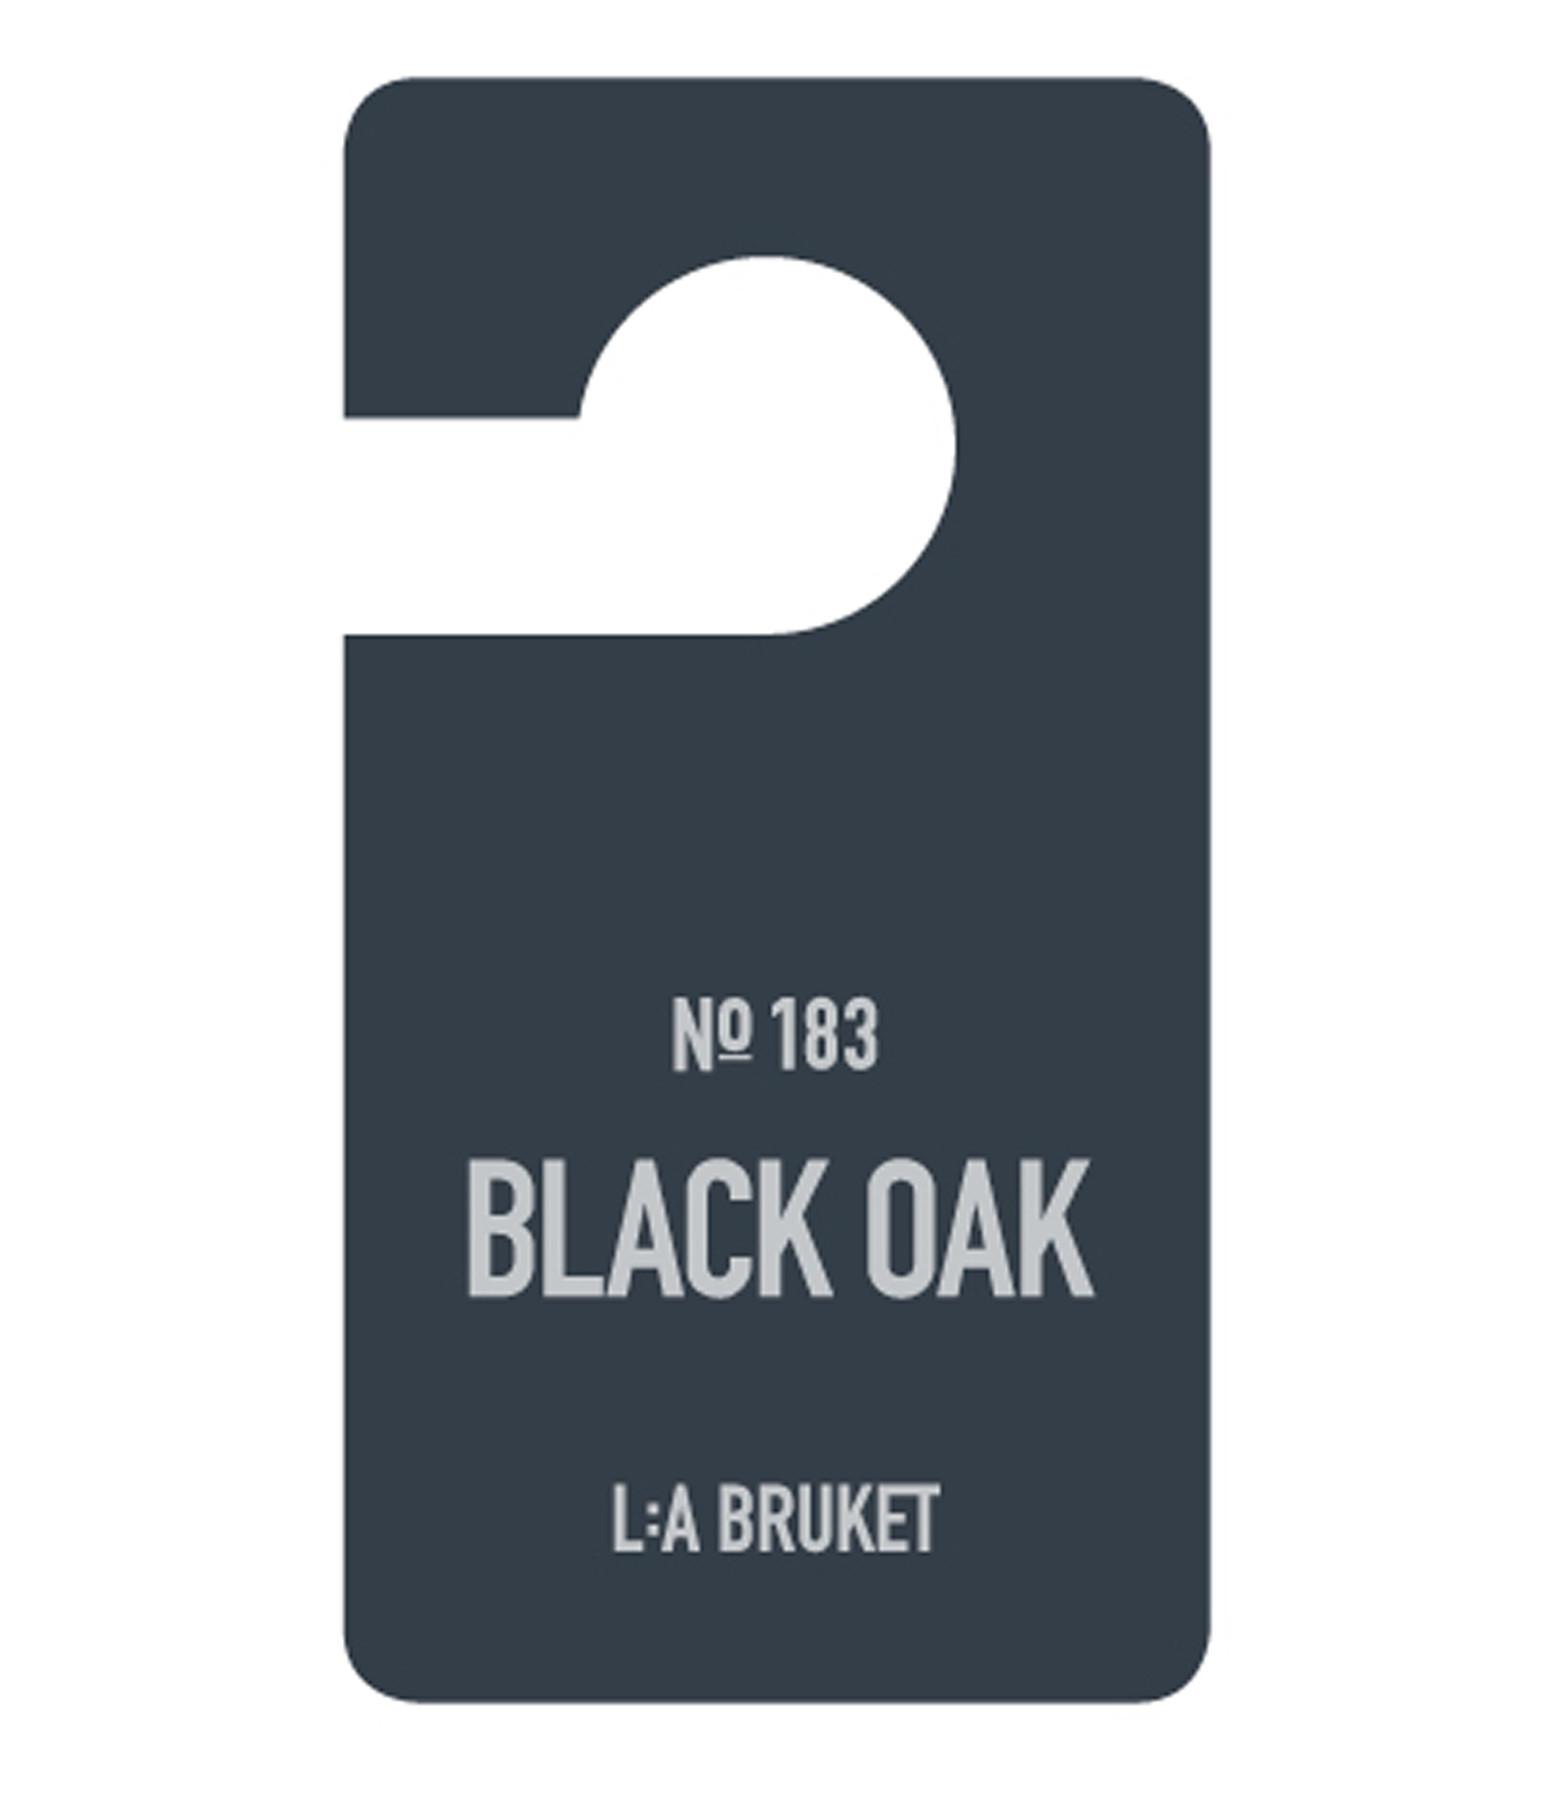 L:A BRUKET - Etiquette Parfumée Black Oak N°183